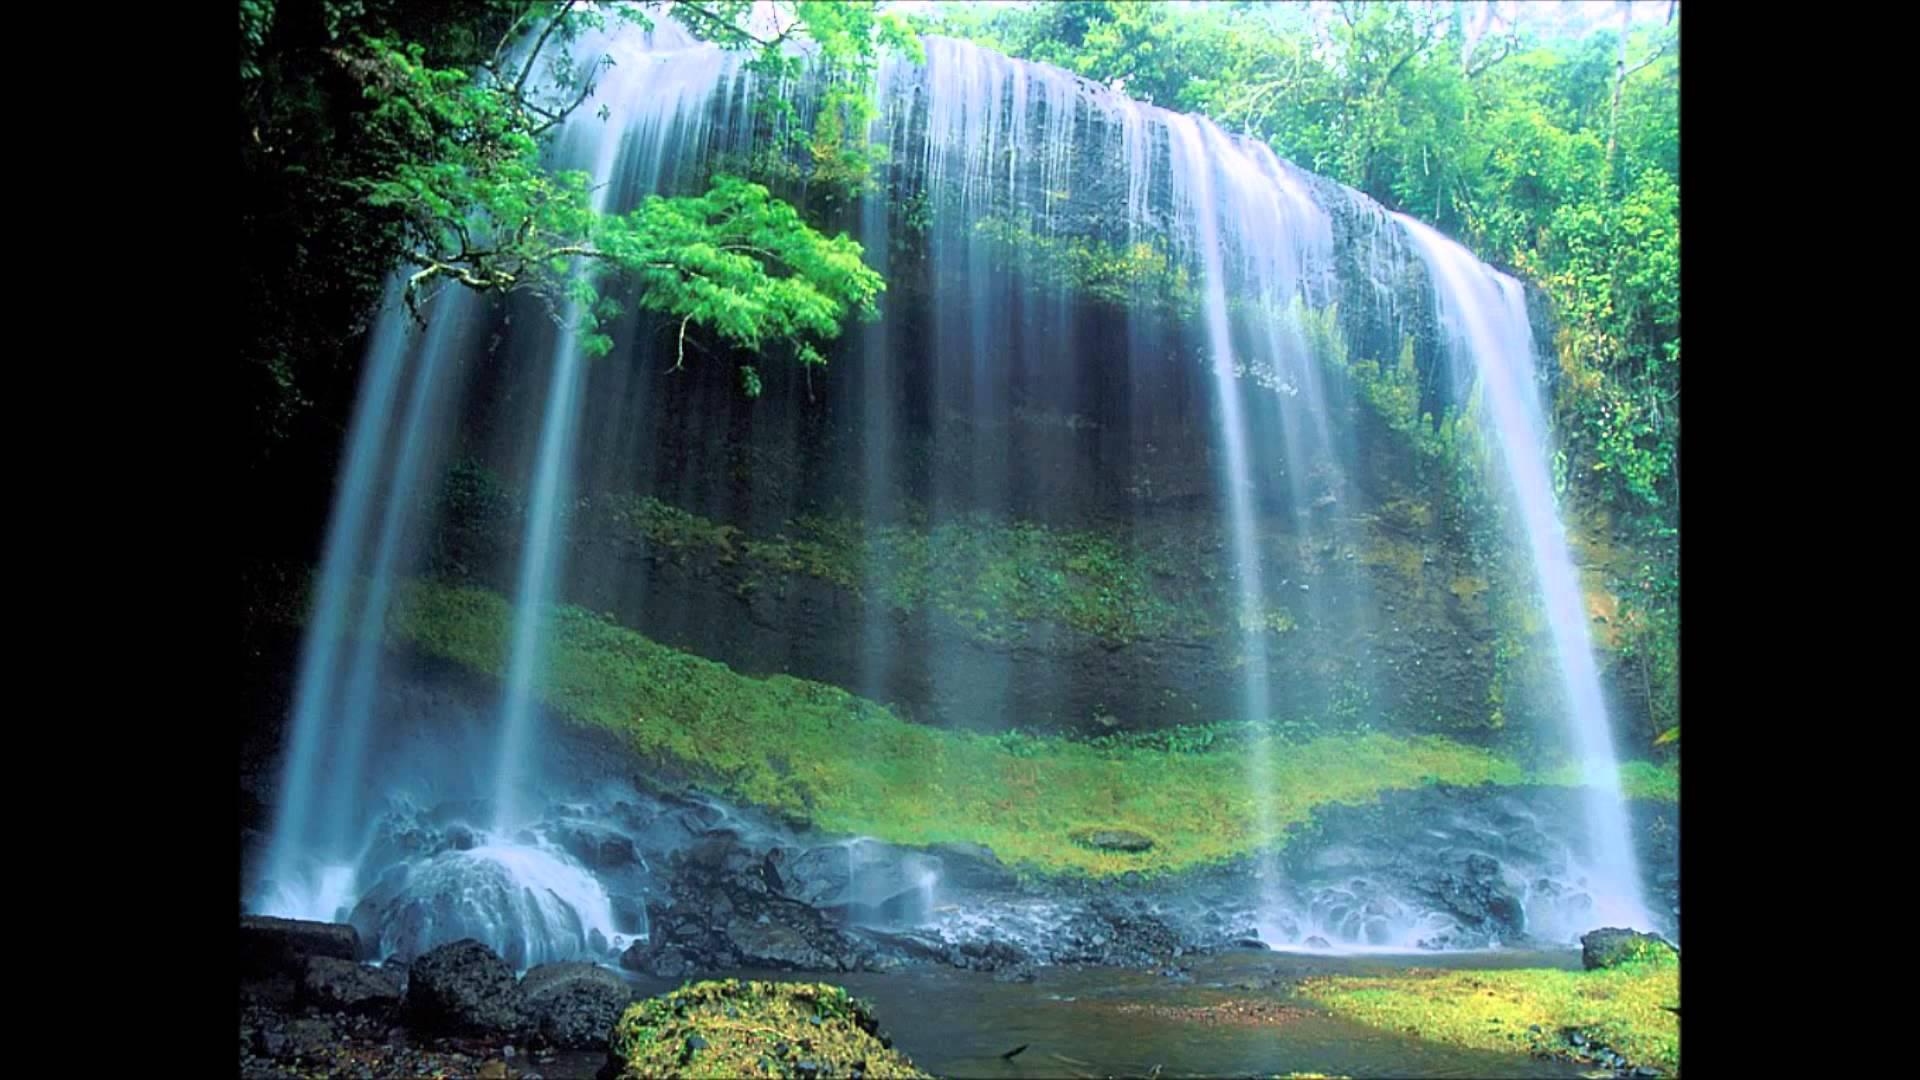 بالصور صور طبيعة جميلة , مناظر طبيعية خلابة 4857 2